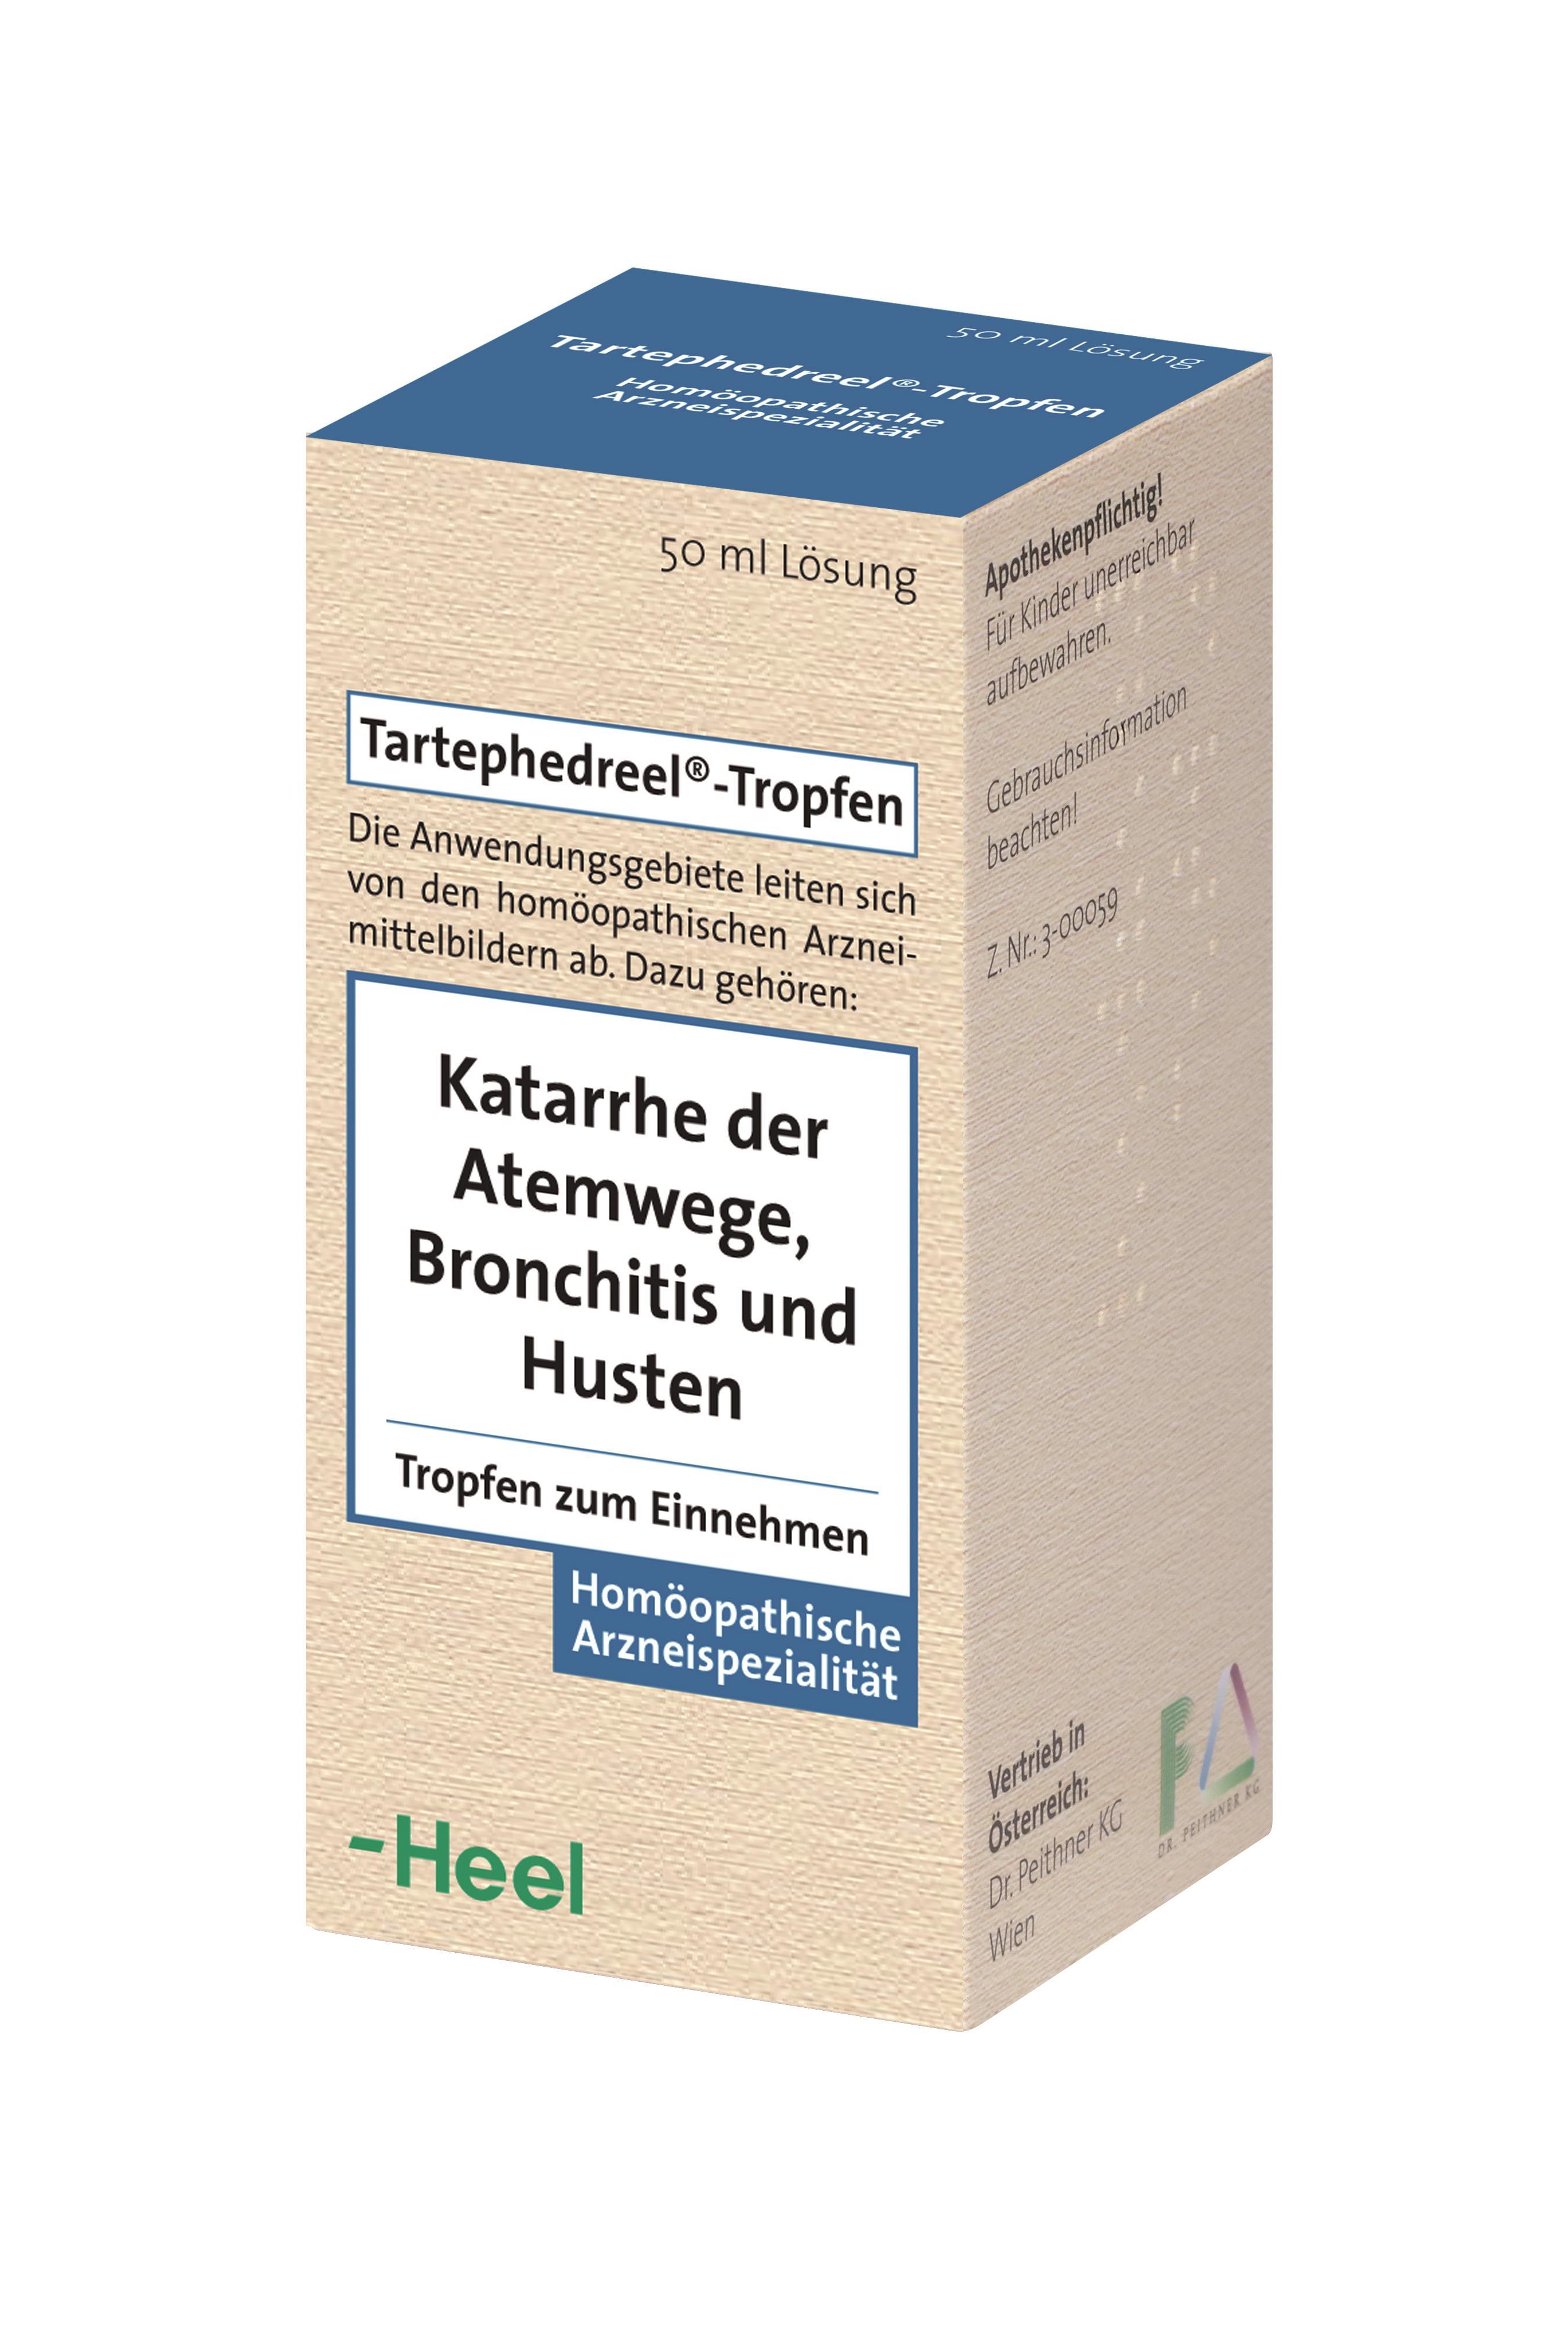 Tartephedreel®